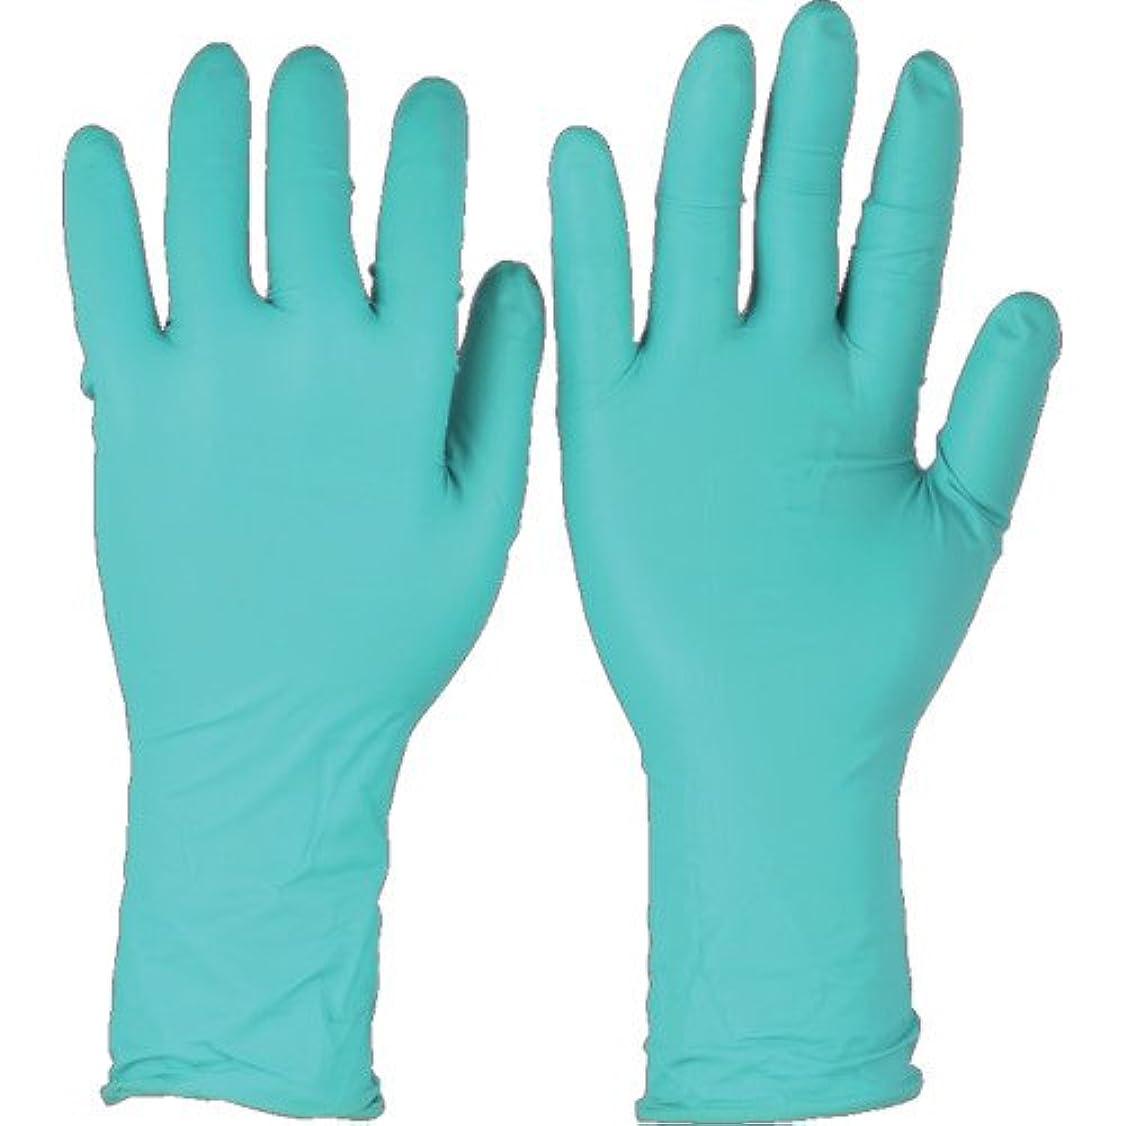 スプレーフィヨルドやりすぎトラスコ中山 アンセル ネオプレンゴム使い捨て手袋 マイクロフレックス 93-260 XLサイズ (50枚入)  9326010